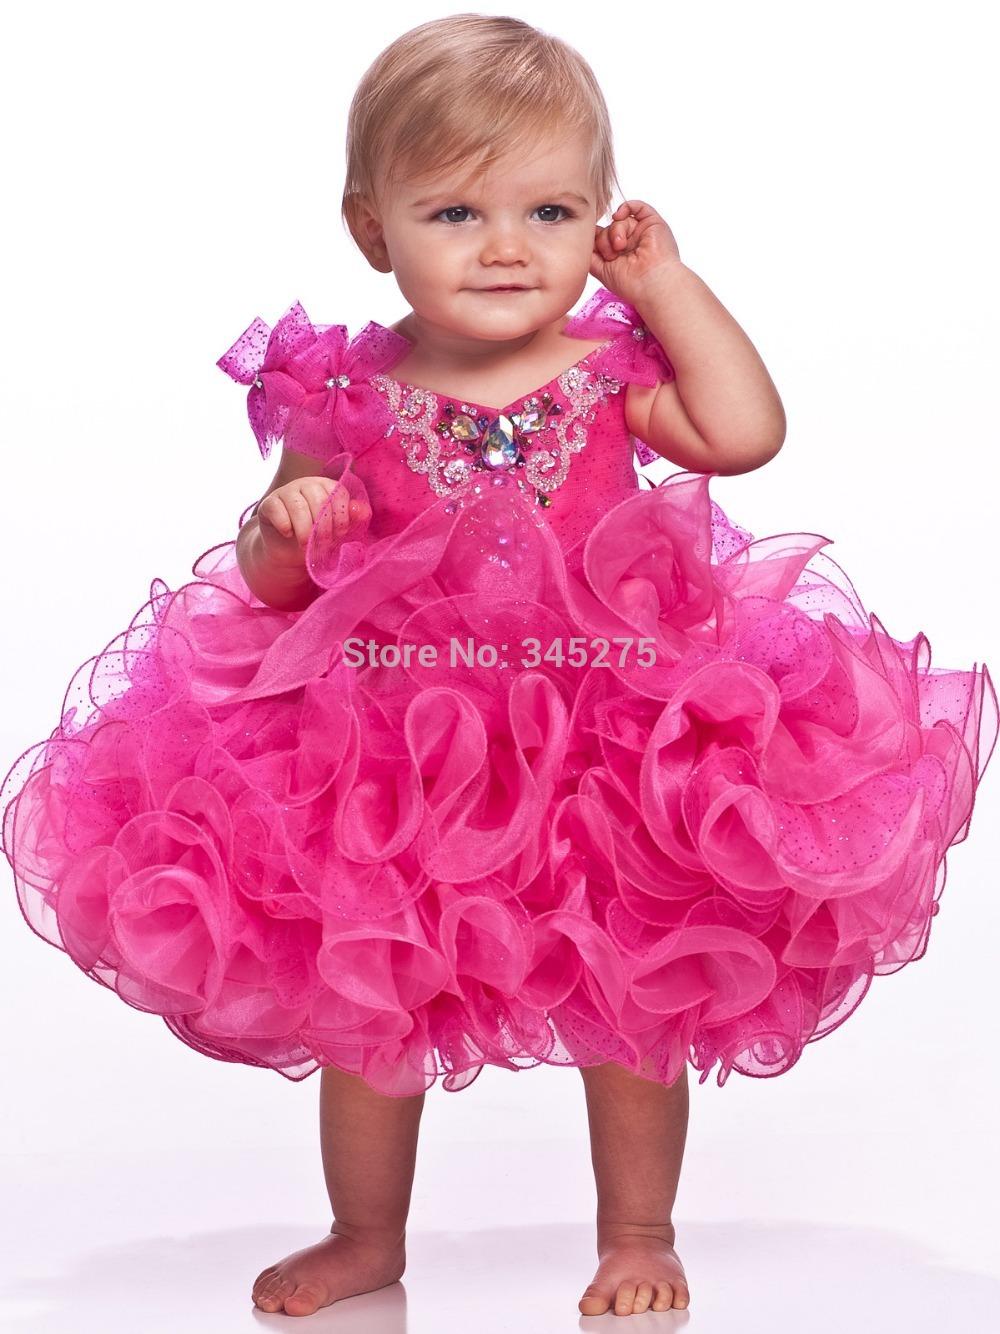 Детское платье ToBeBridal vestido infantil 1 feminino princesa , WF9921 princesa extra 310 мл arcoroc